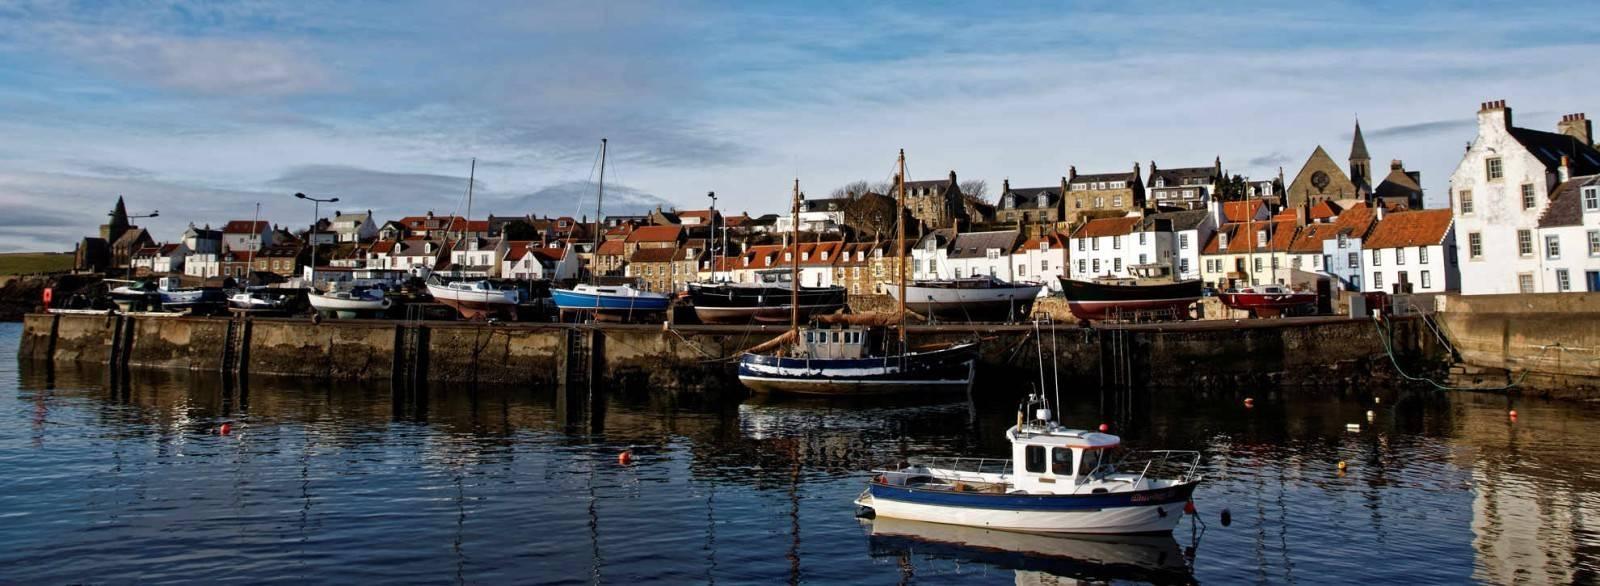 St. Monans (Schottland, Fife): Hafenanlage